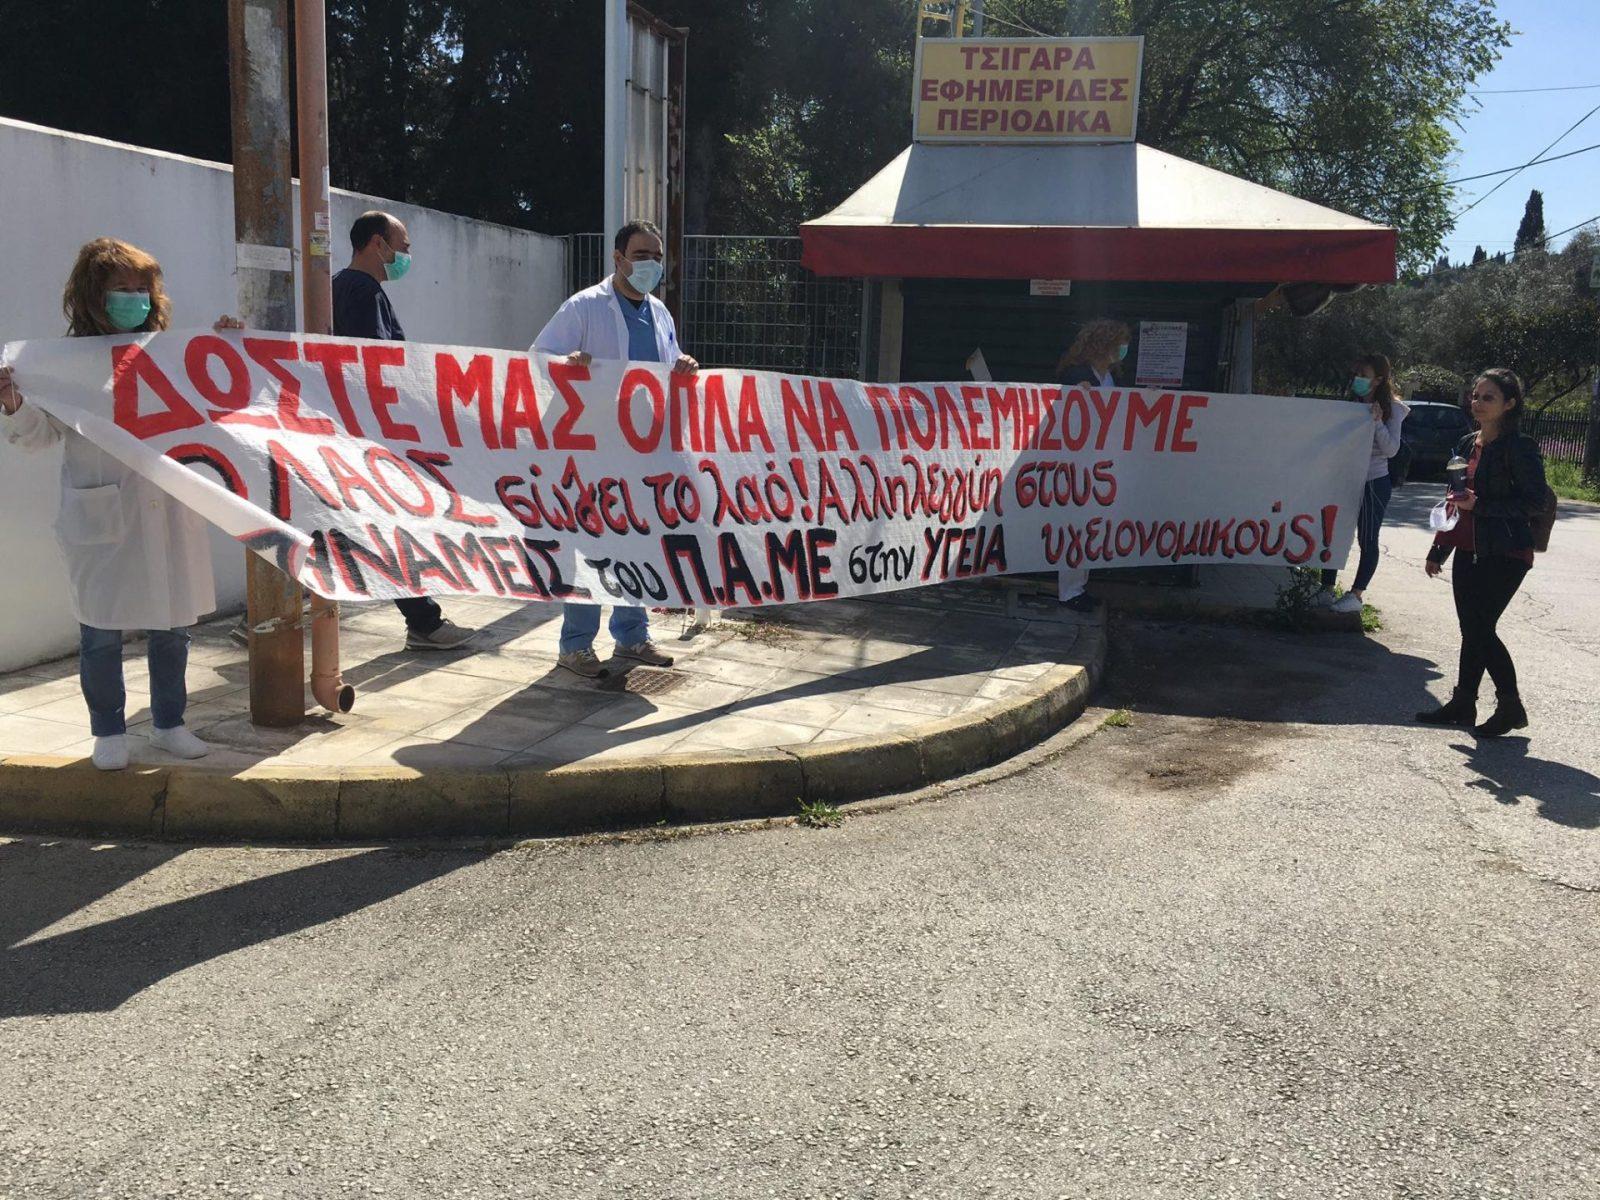 Πανελλαδική απεργία: Βασικό αίτημα τη θωράκιση του ΕΣΥ